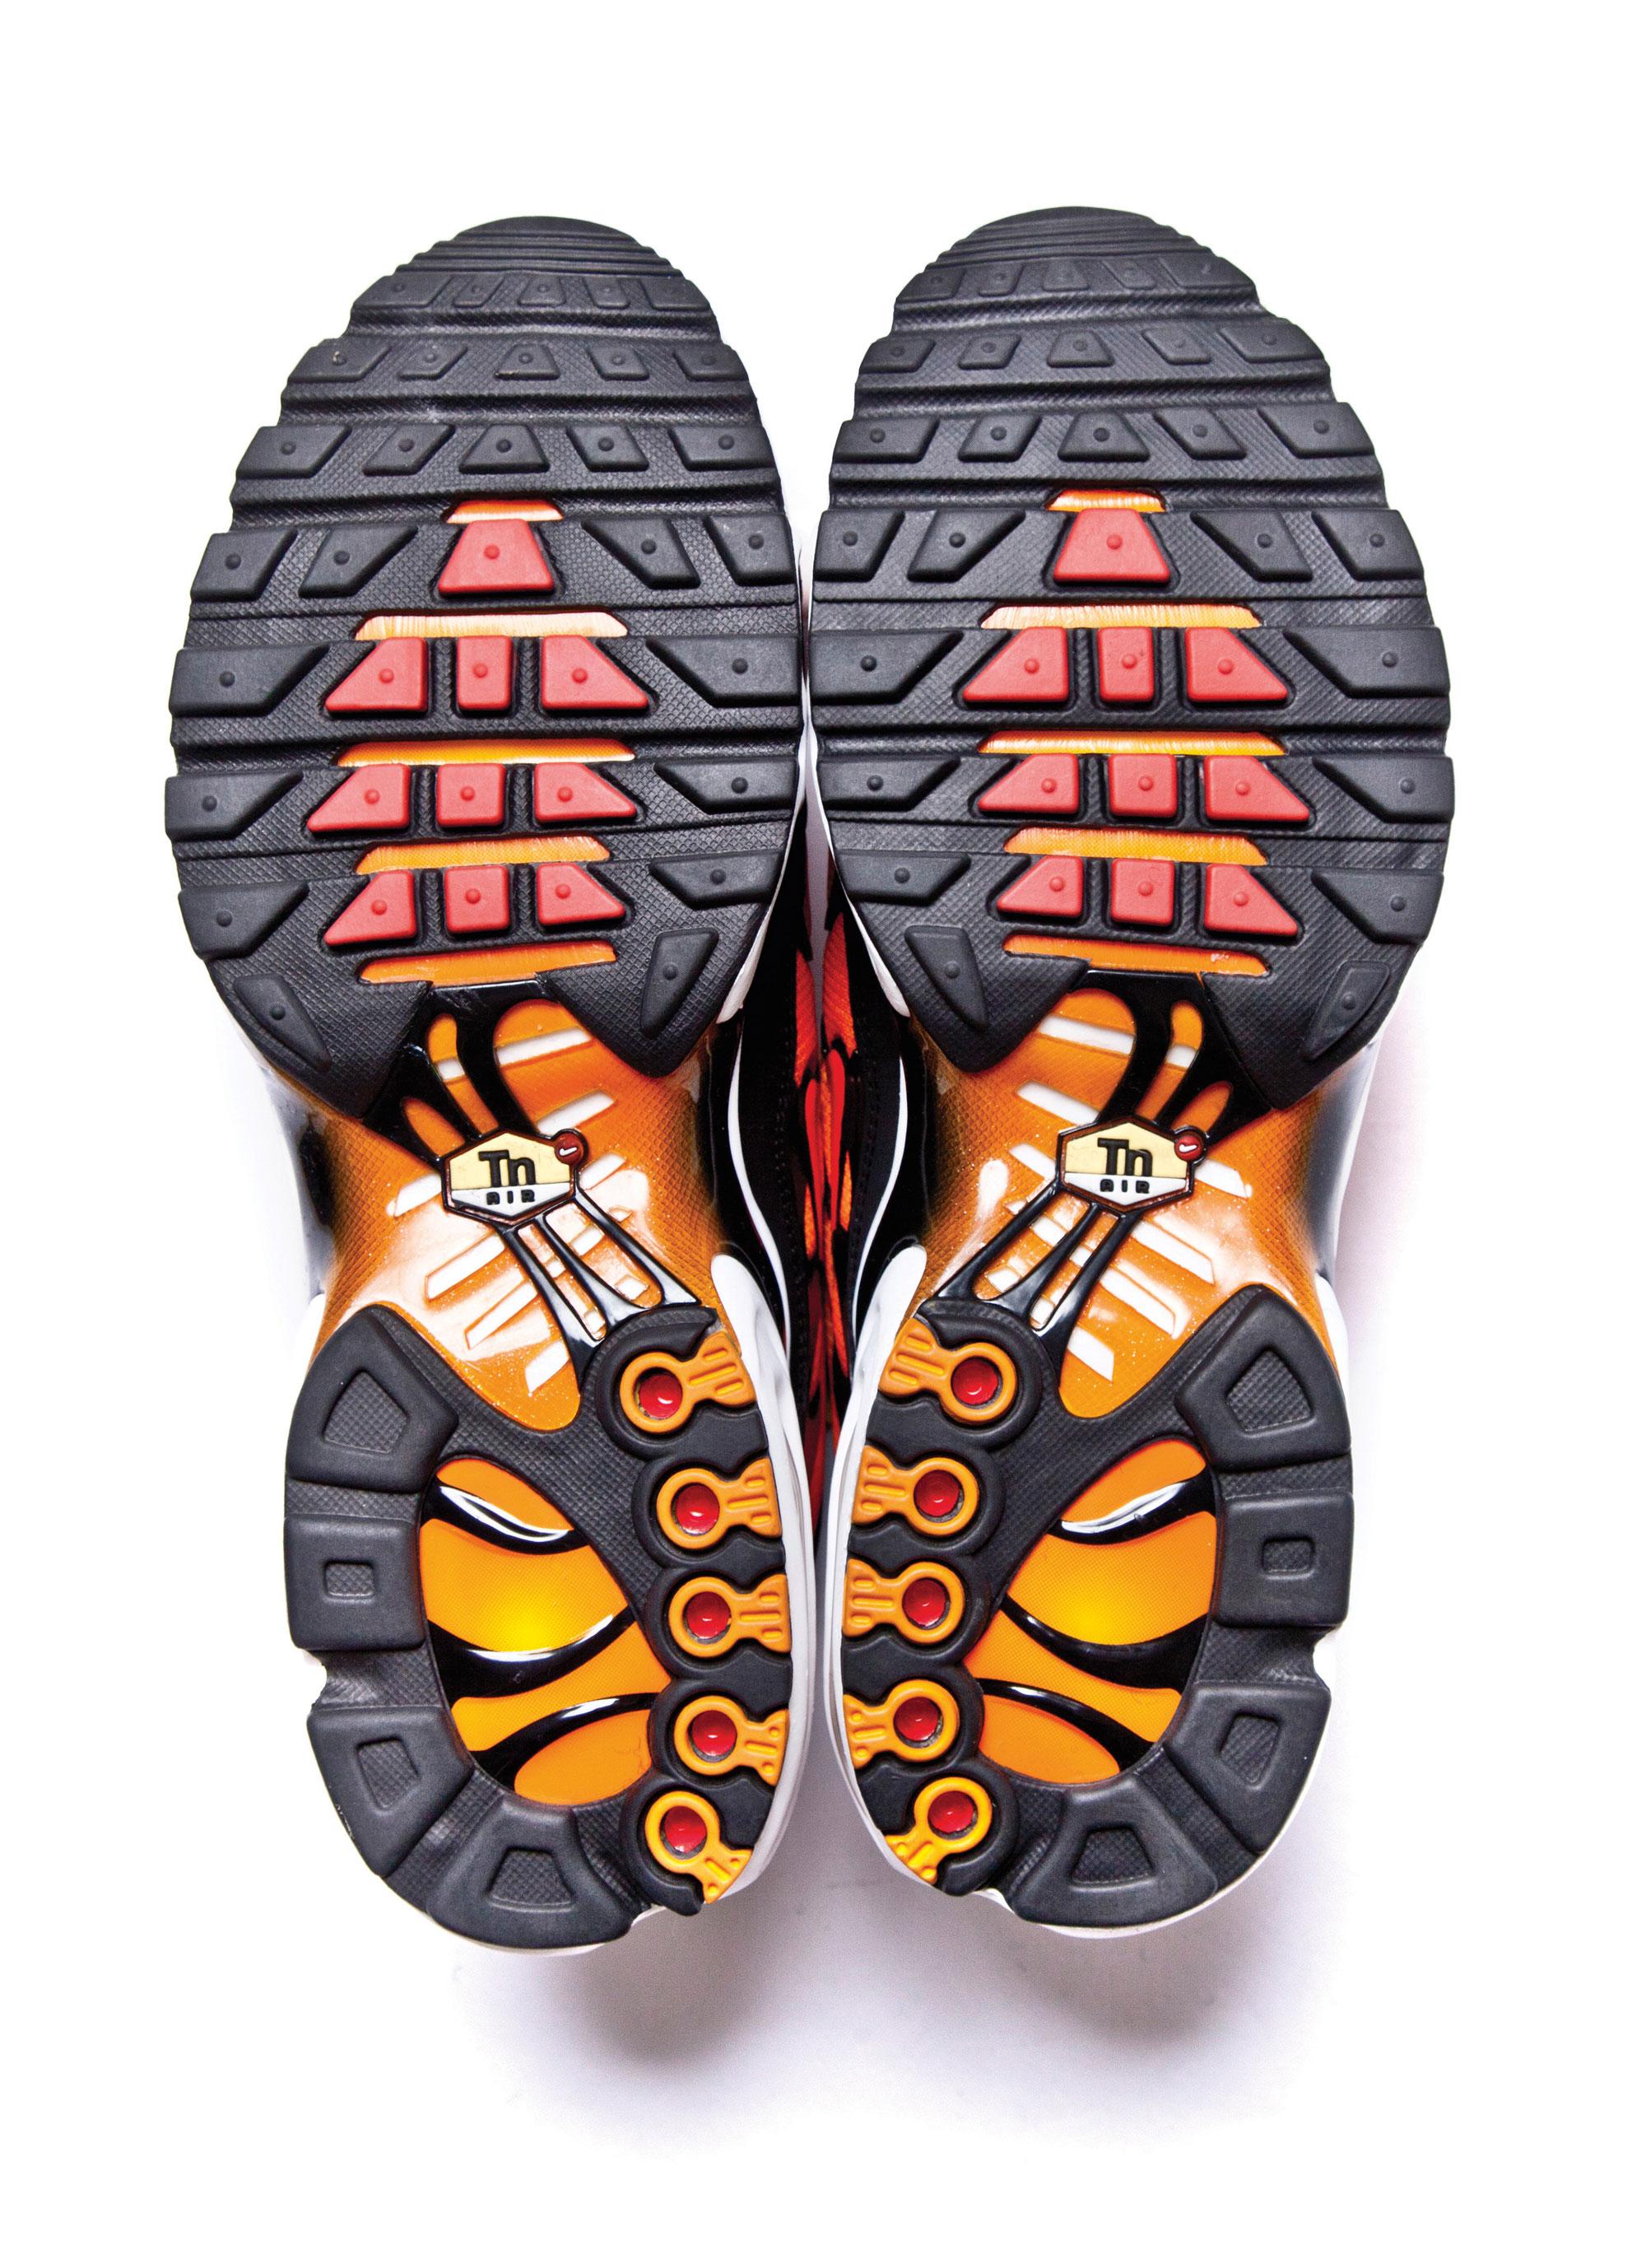 Подошва Nike's Air Max Plus врасцветке Orange Tiger. Модель 1998 года была перевыпущена в2013 году.